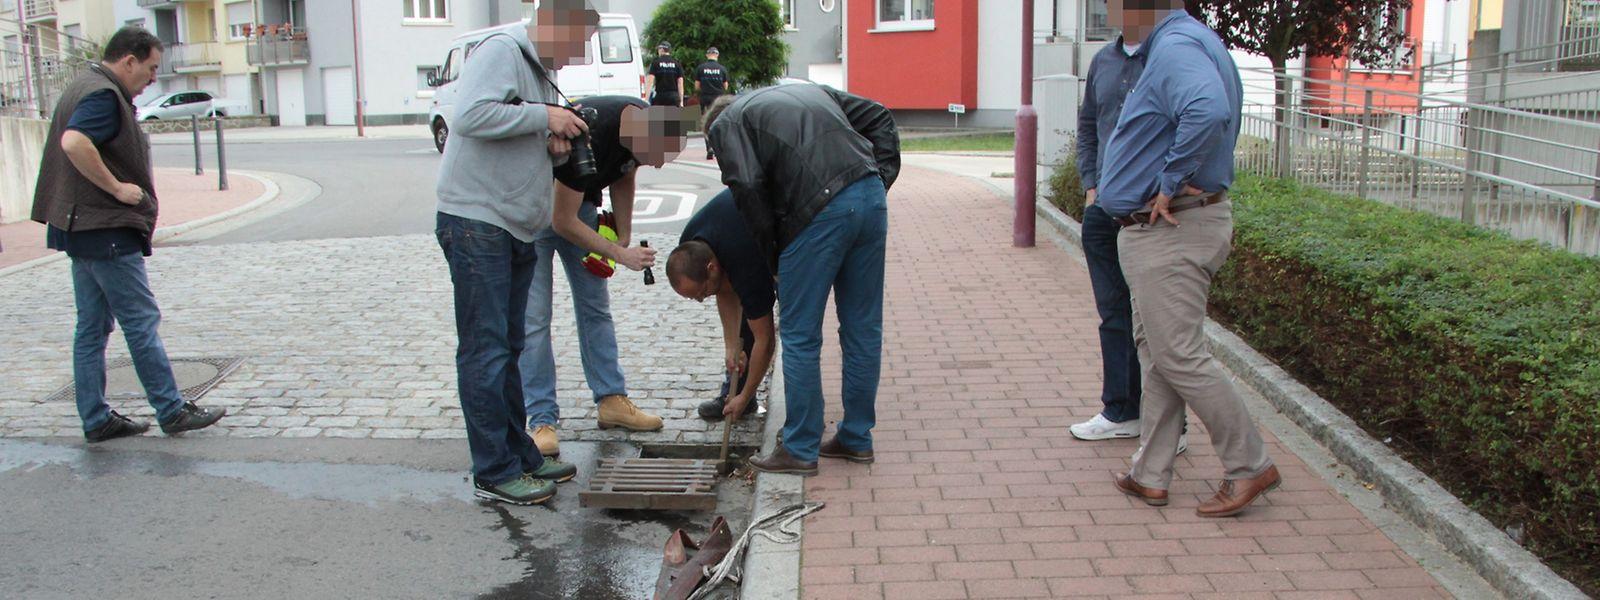 Beamte der Spurensicherung der Kriminalpolizei durchsuchten am 28. September das Umfeld der Wohnung.